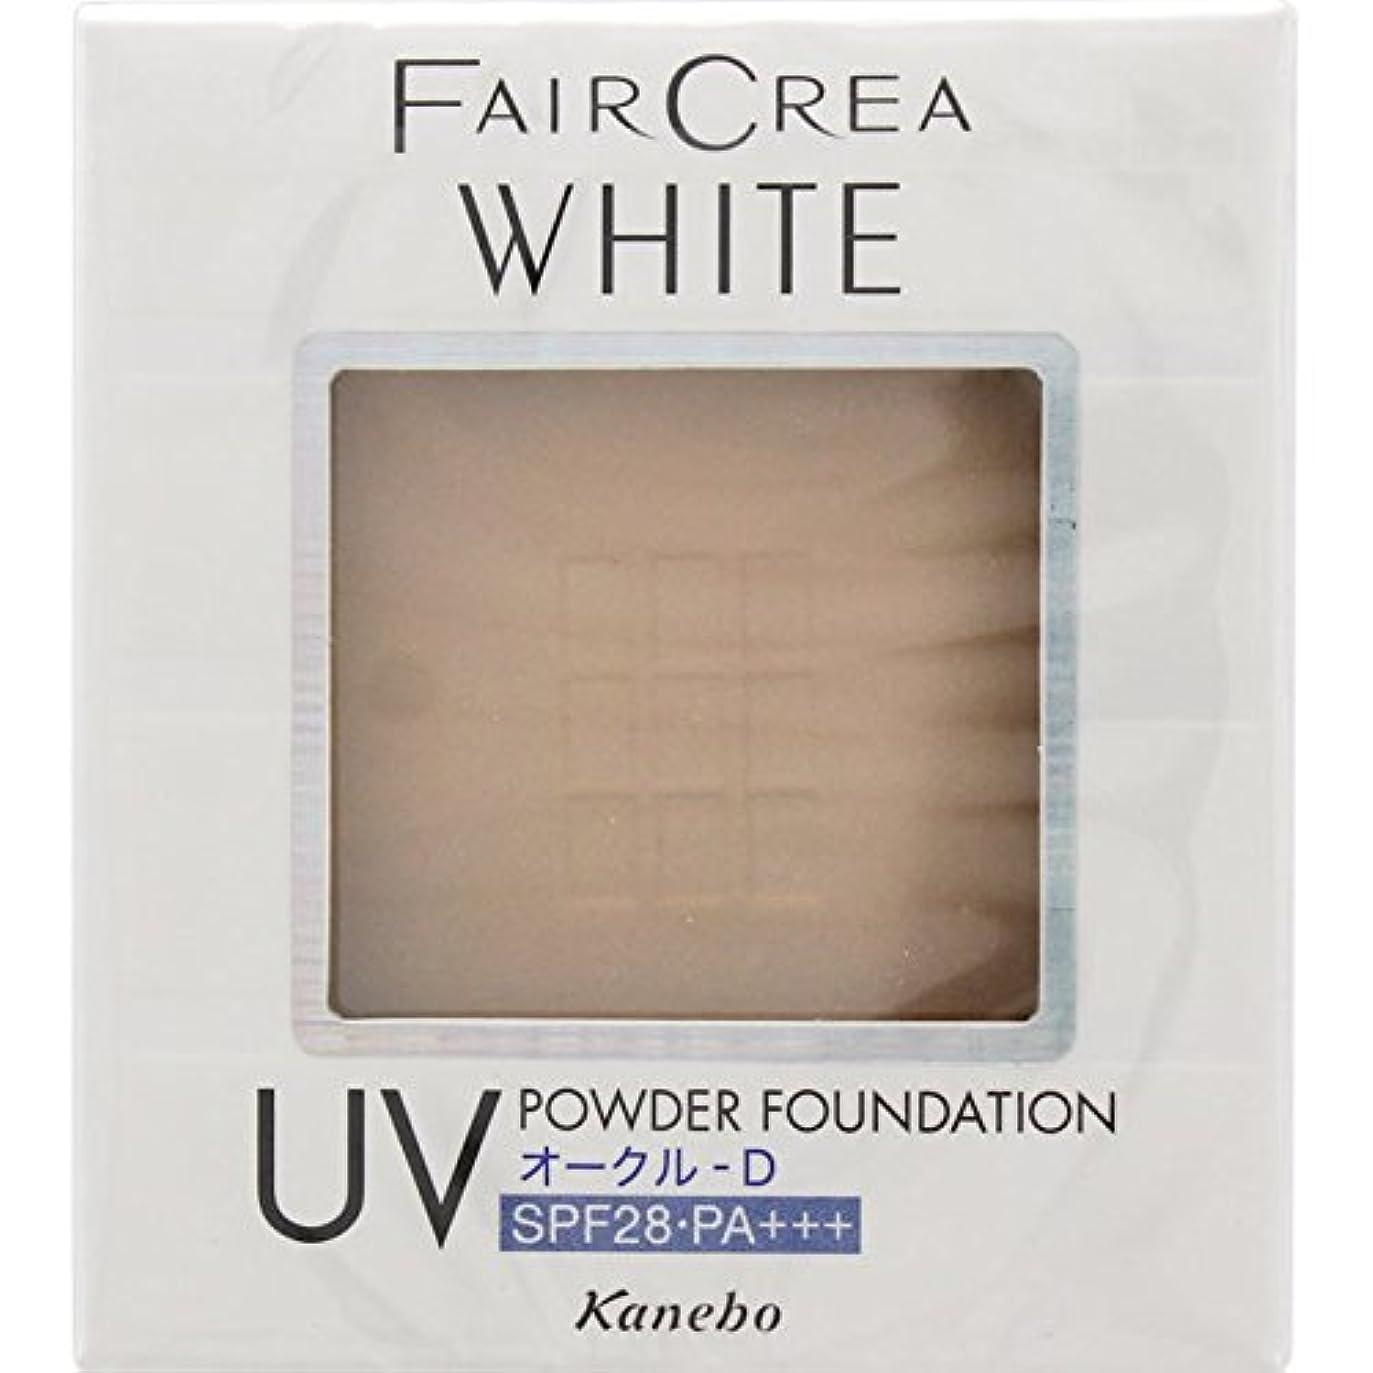 バラバラにするちなみにブランチカネボウフェアクレア(FAIRCREA)ホワイトUVパウダーファンデーション カラー:オークルD